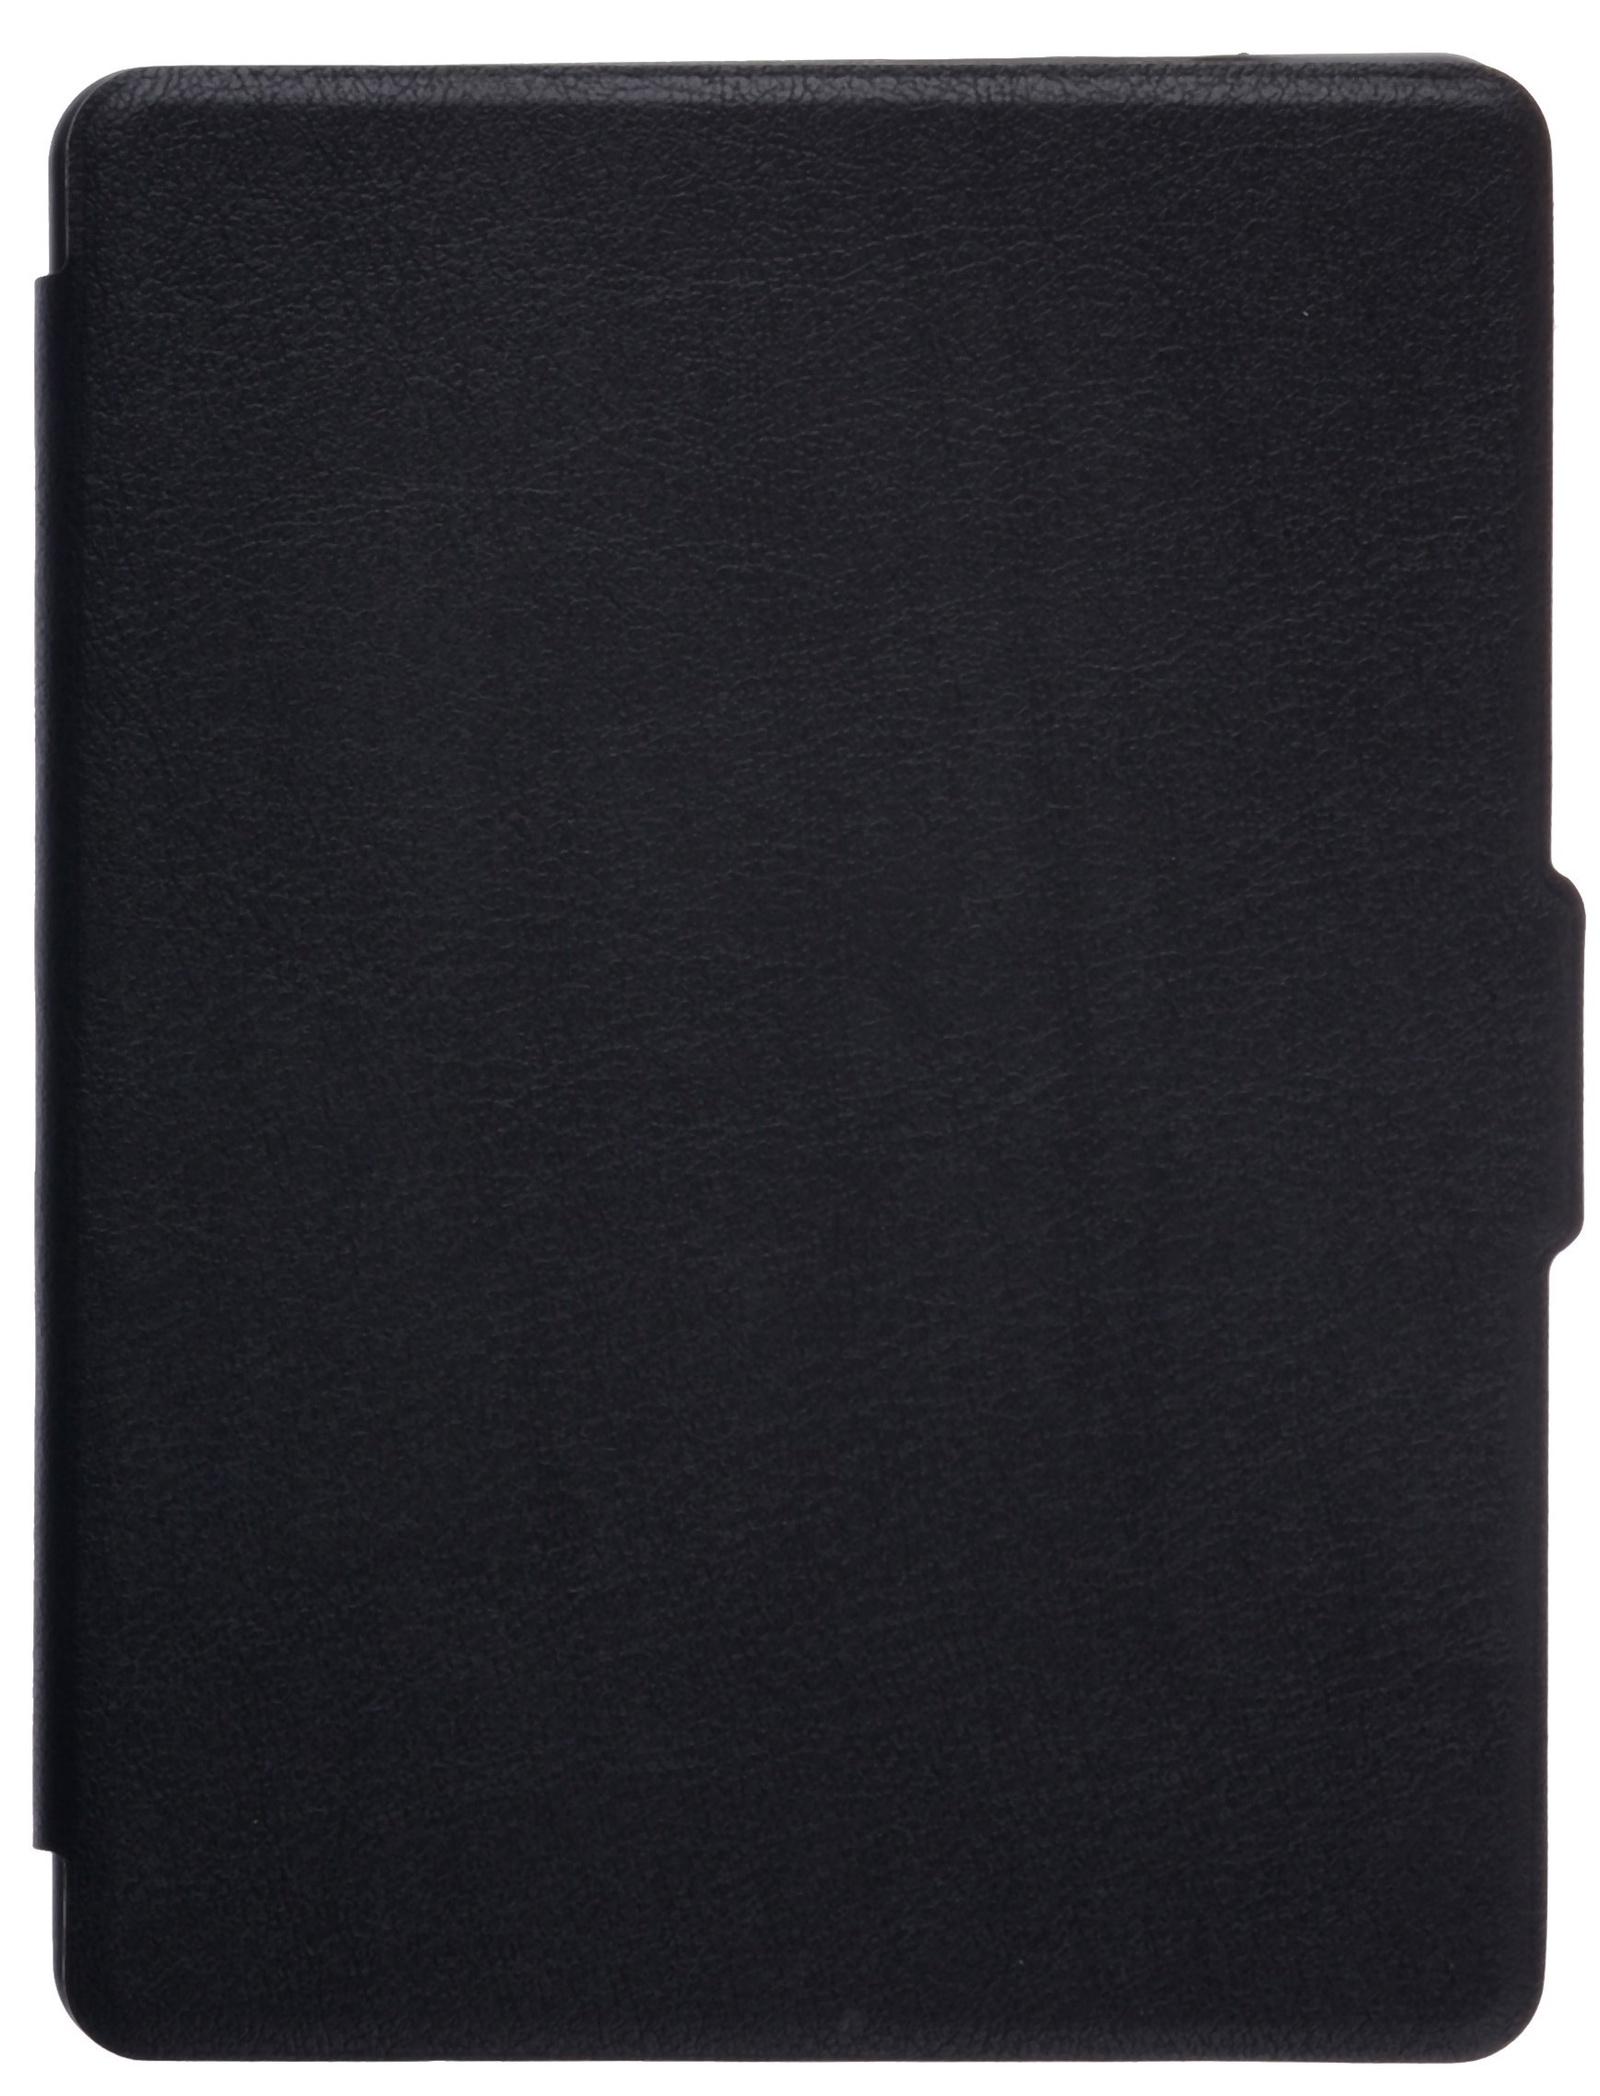 лучшая цена Чехол для электронной книги skinBOX Smart, 4630042529335, черный